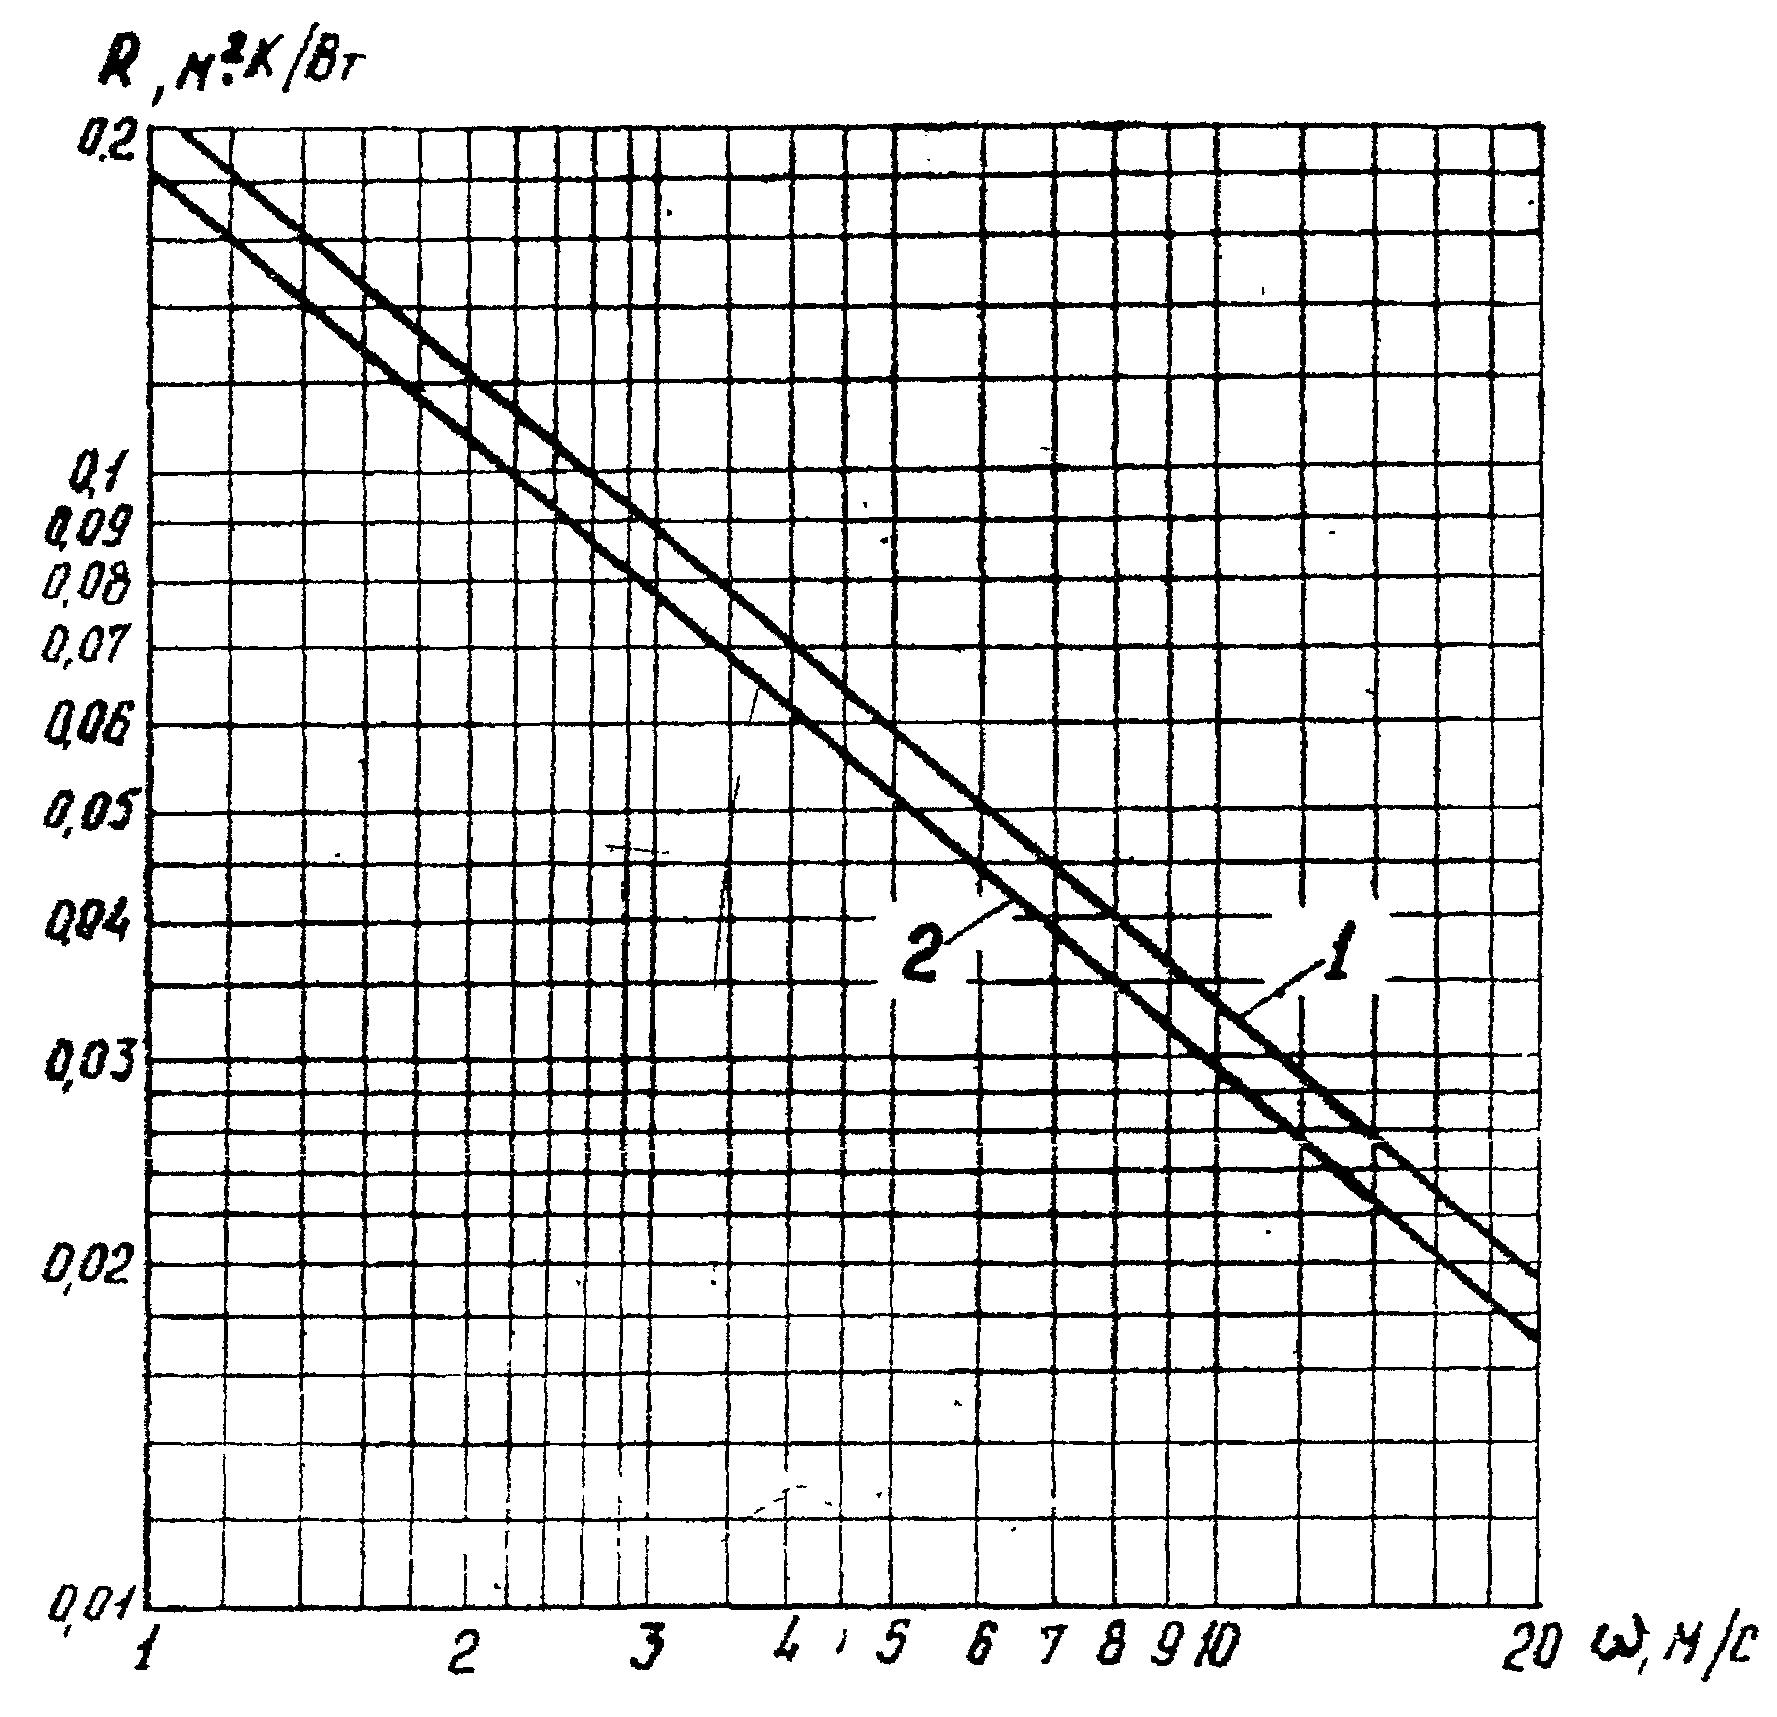 инструкция ремонт тепловой изоляции трубопроводов